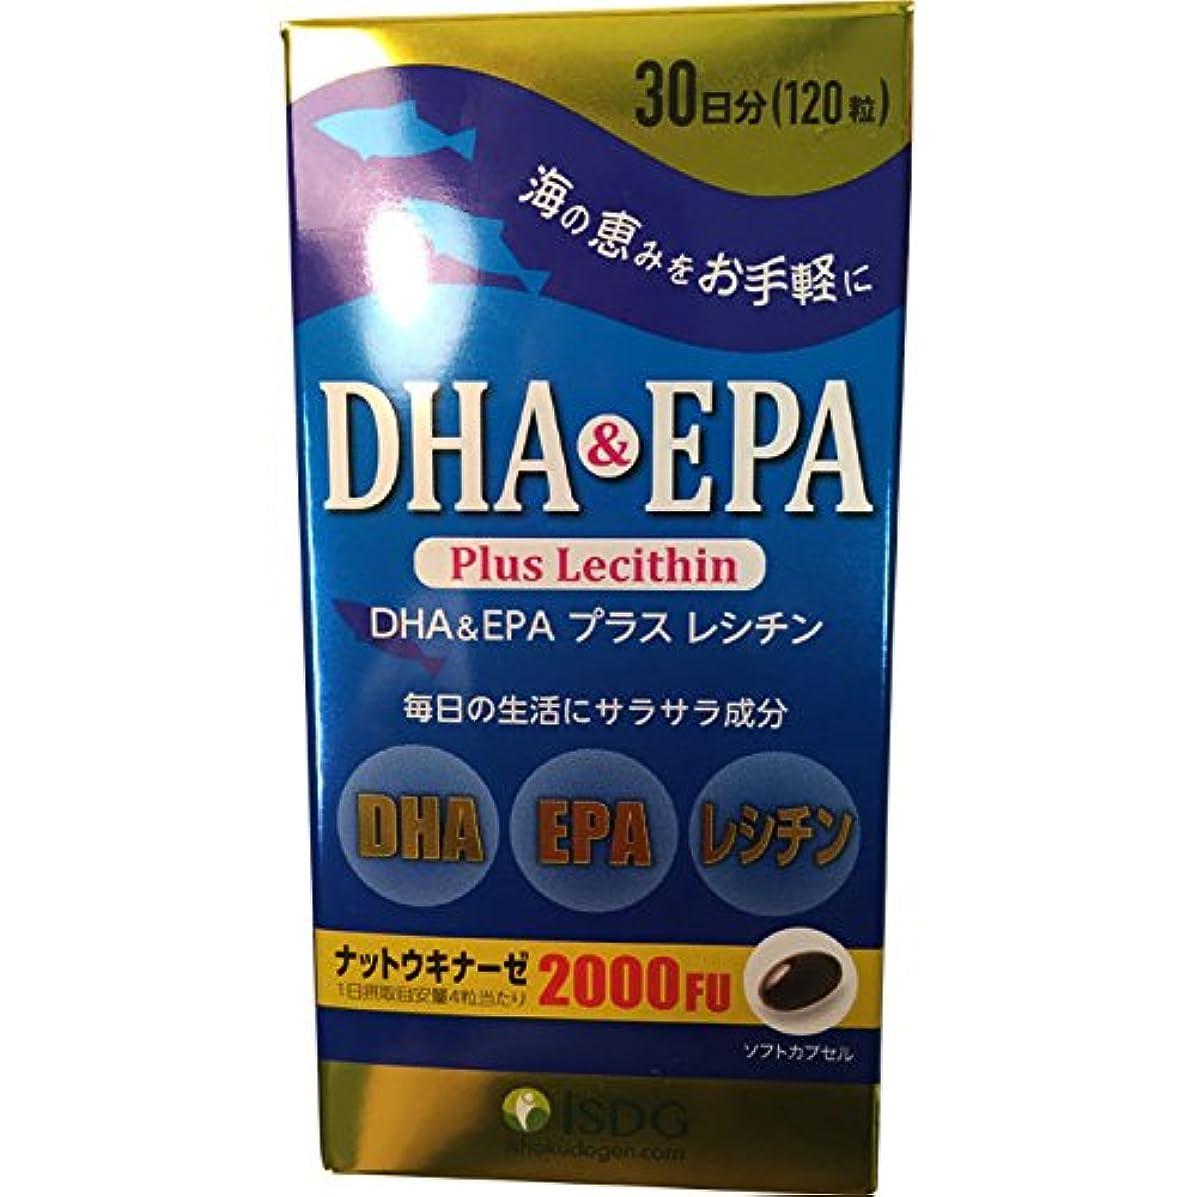 取り扱い協会入るウェルパーク DHA&EPA Plus 64.8g(540mg×120粒)